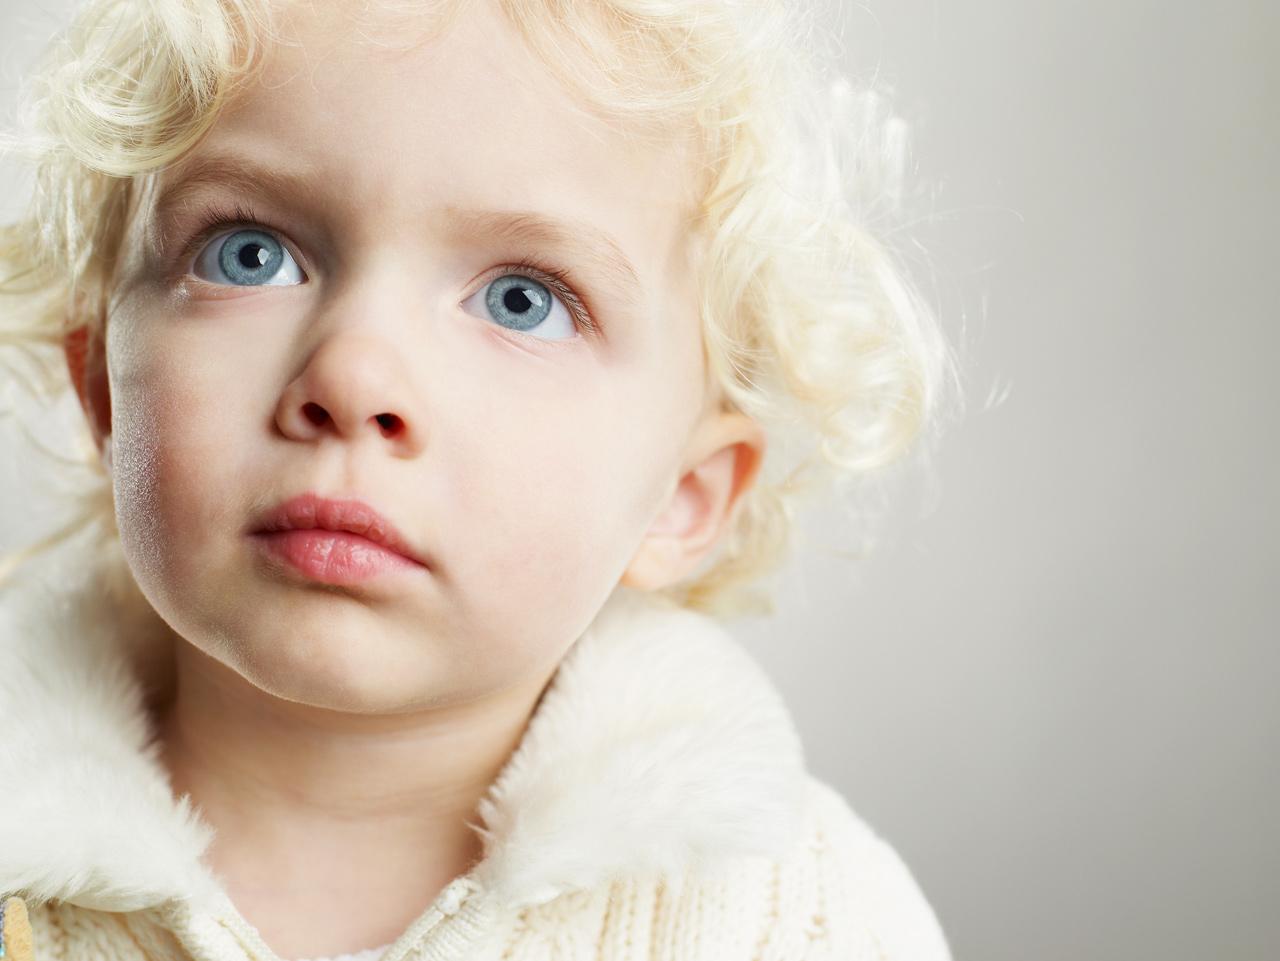 טיפול בפעוטות - מהלידה והלאה